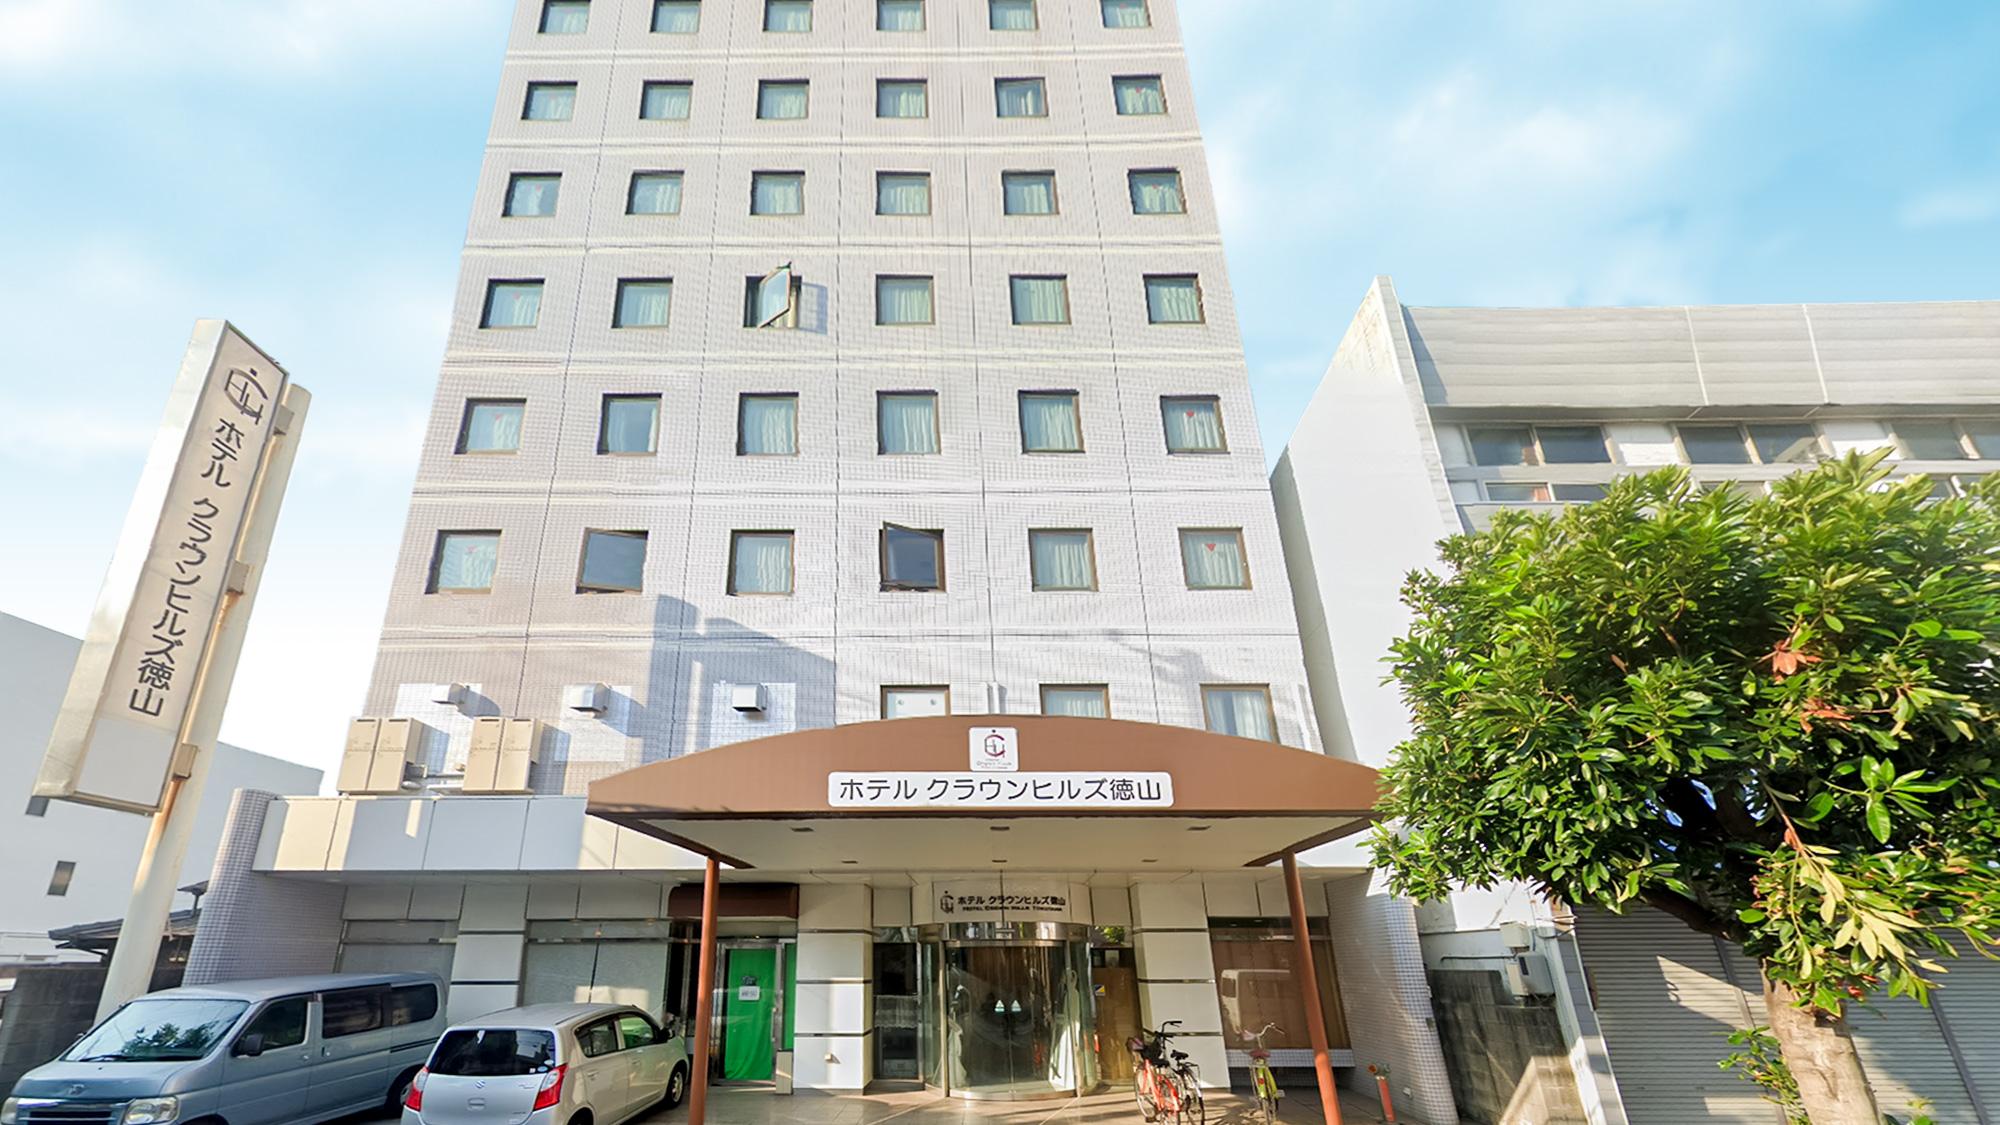 ホテルクラウンヒルズ徳山(BBHホテルグループ)